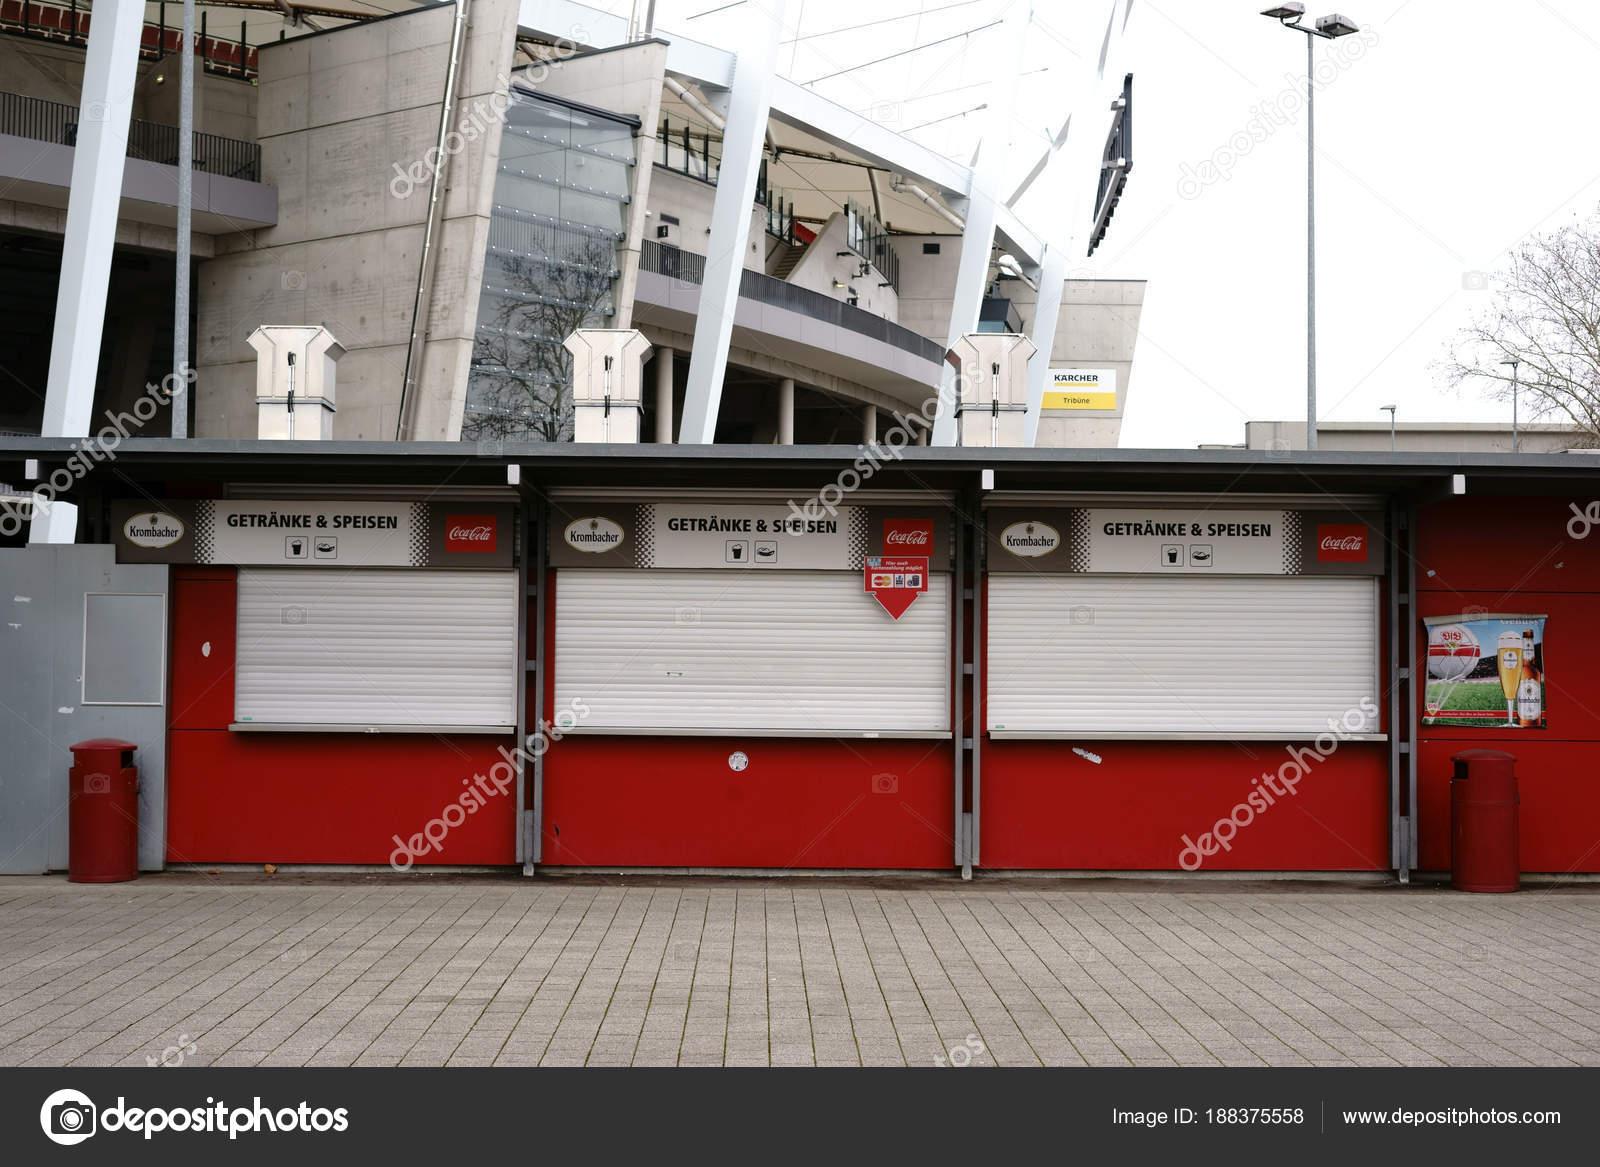 Mercedes Benz Arena Und Getränke Speisen Und Getränke Automaten ...